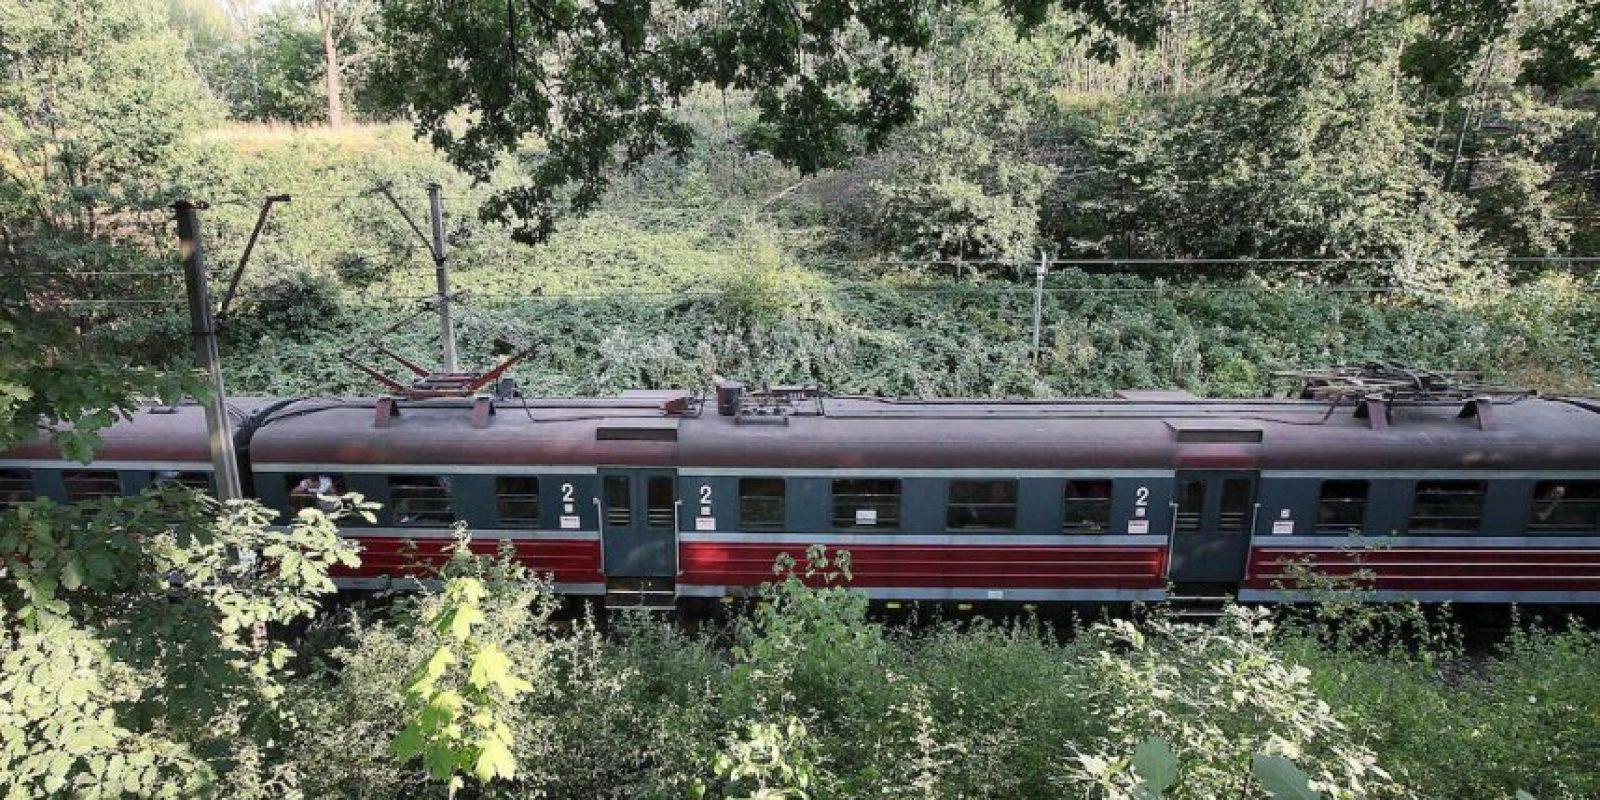 Un tren pasa cerca de la zona donde supuestamente estaría oculto el convoy nazi. Foto:AP